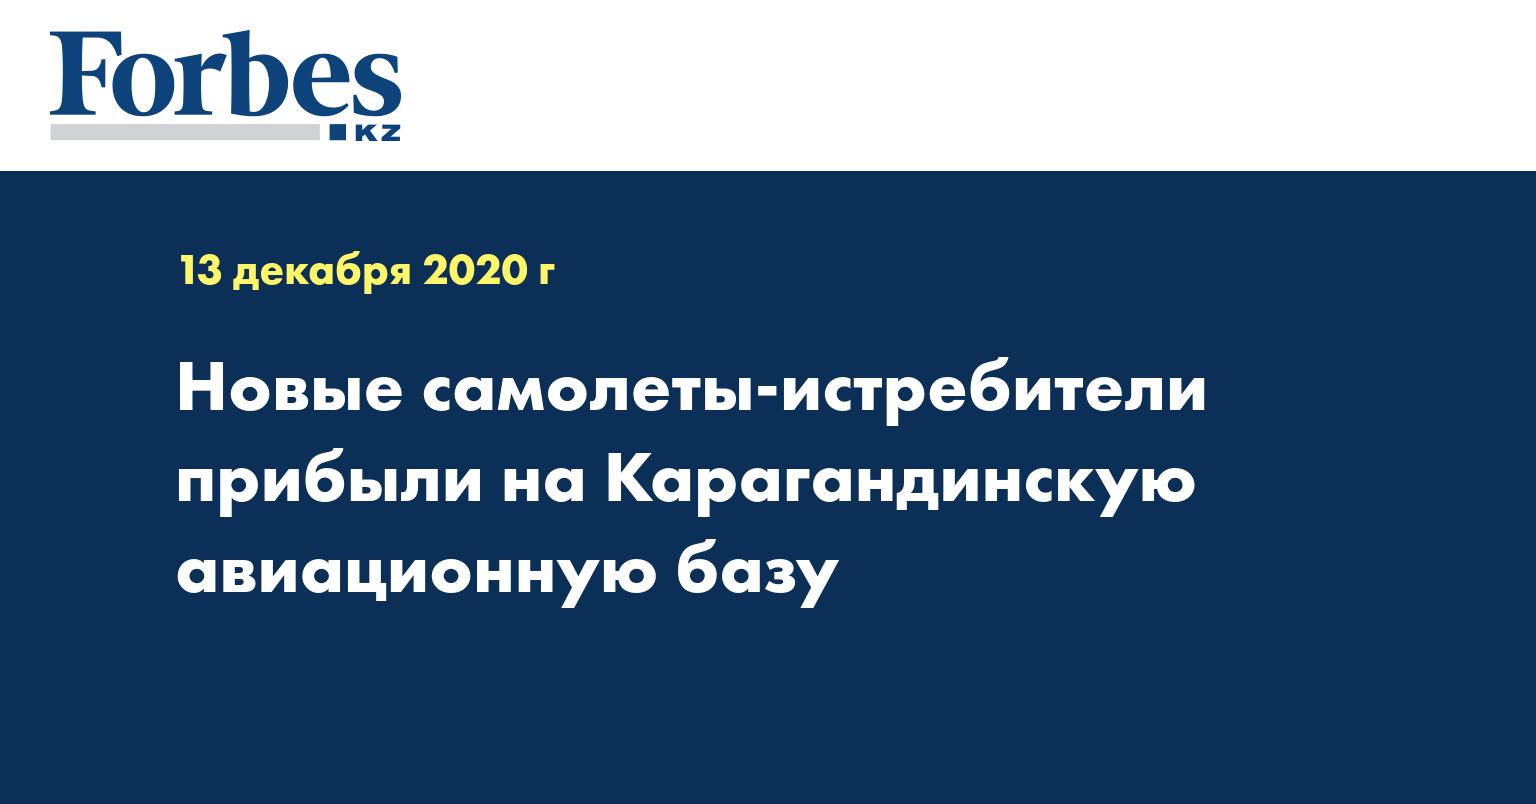 Новые самолеты-истребители прибыли на Карагандинскую авиационную базу